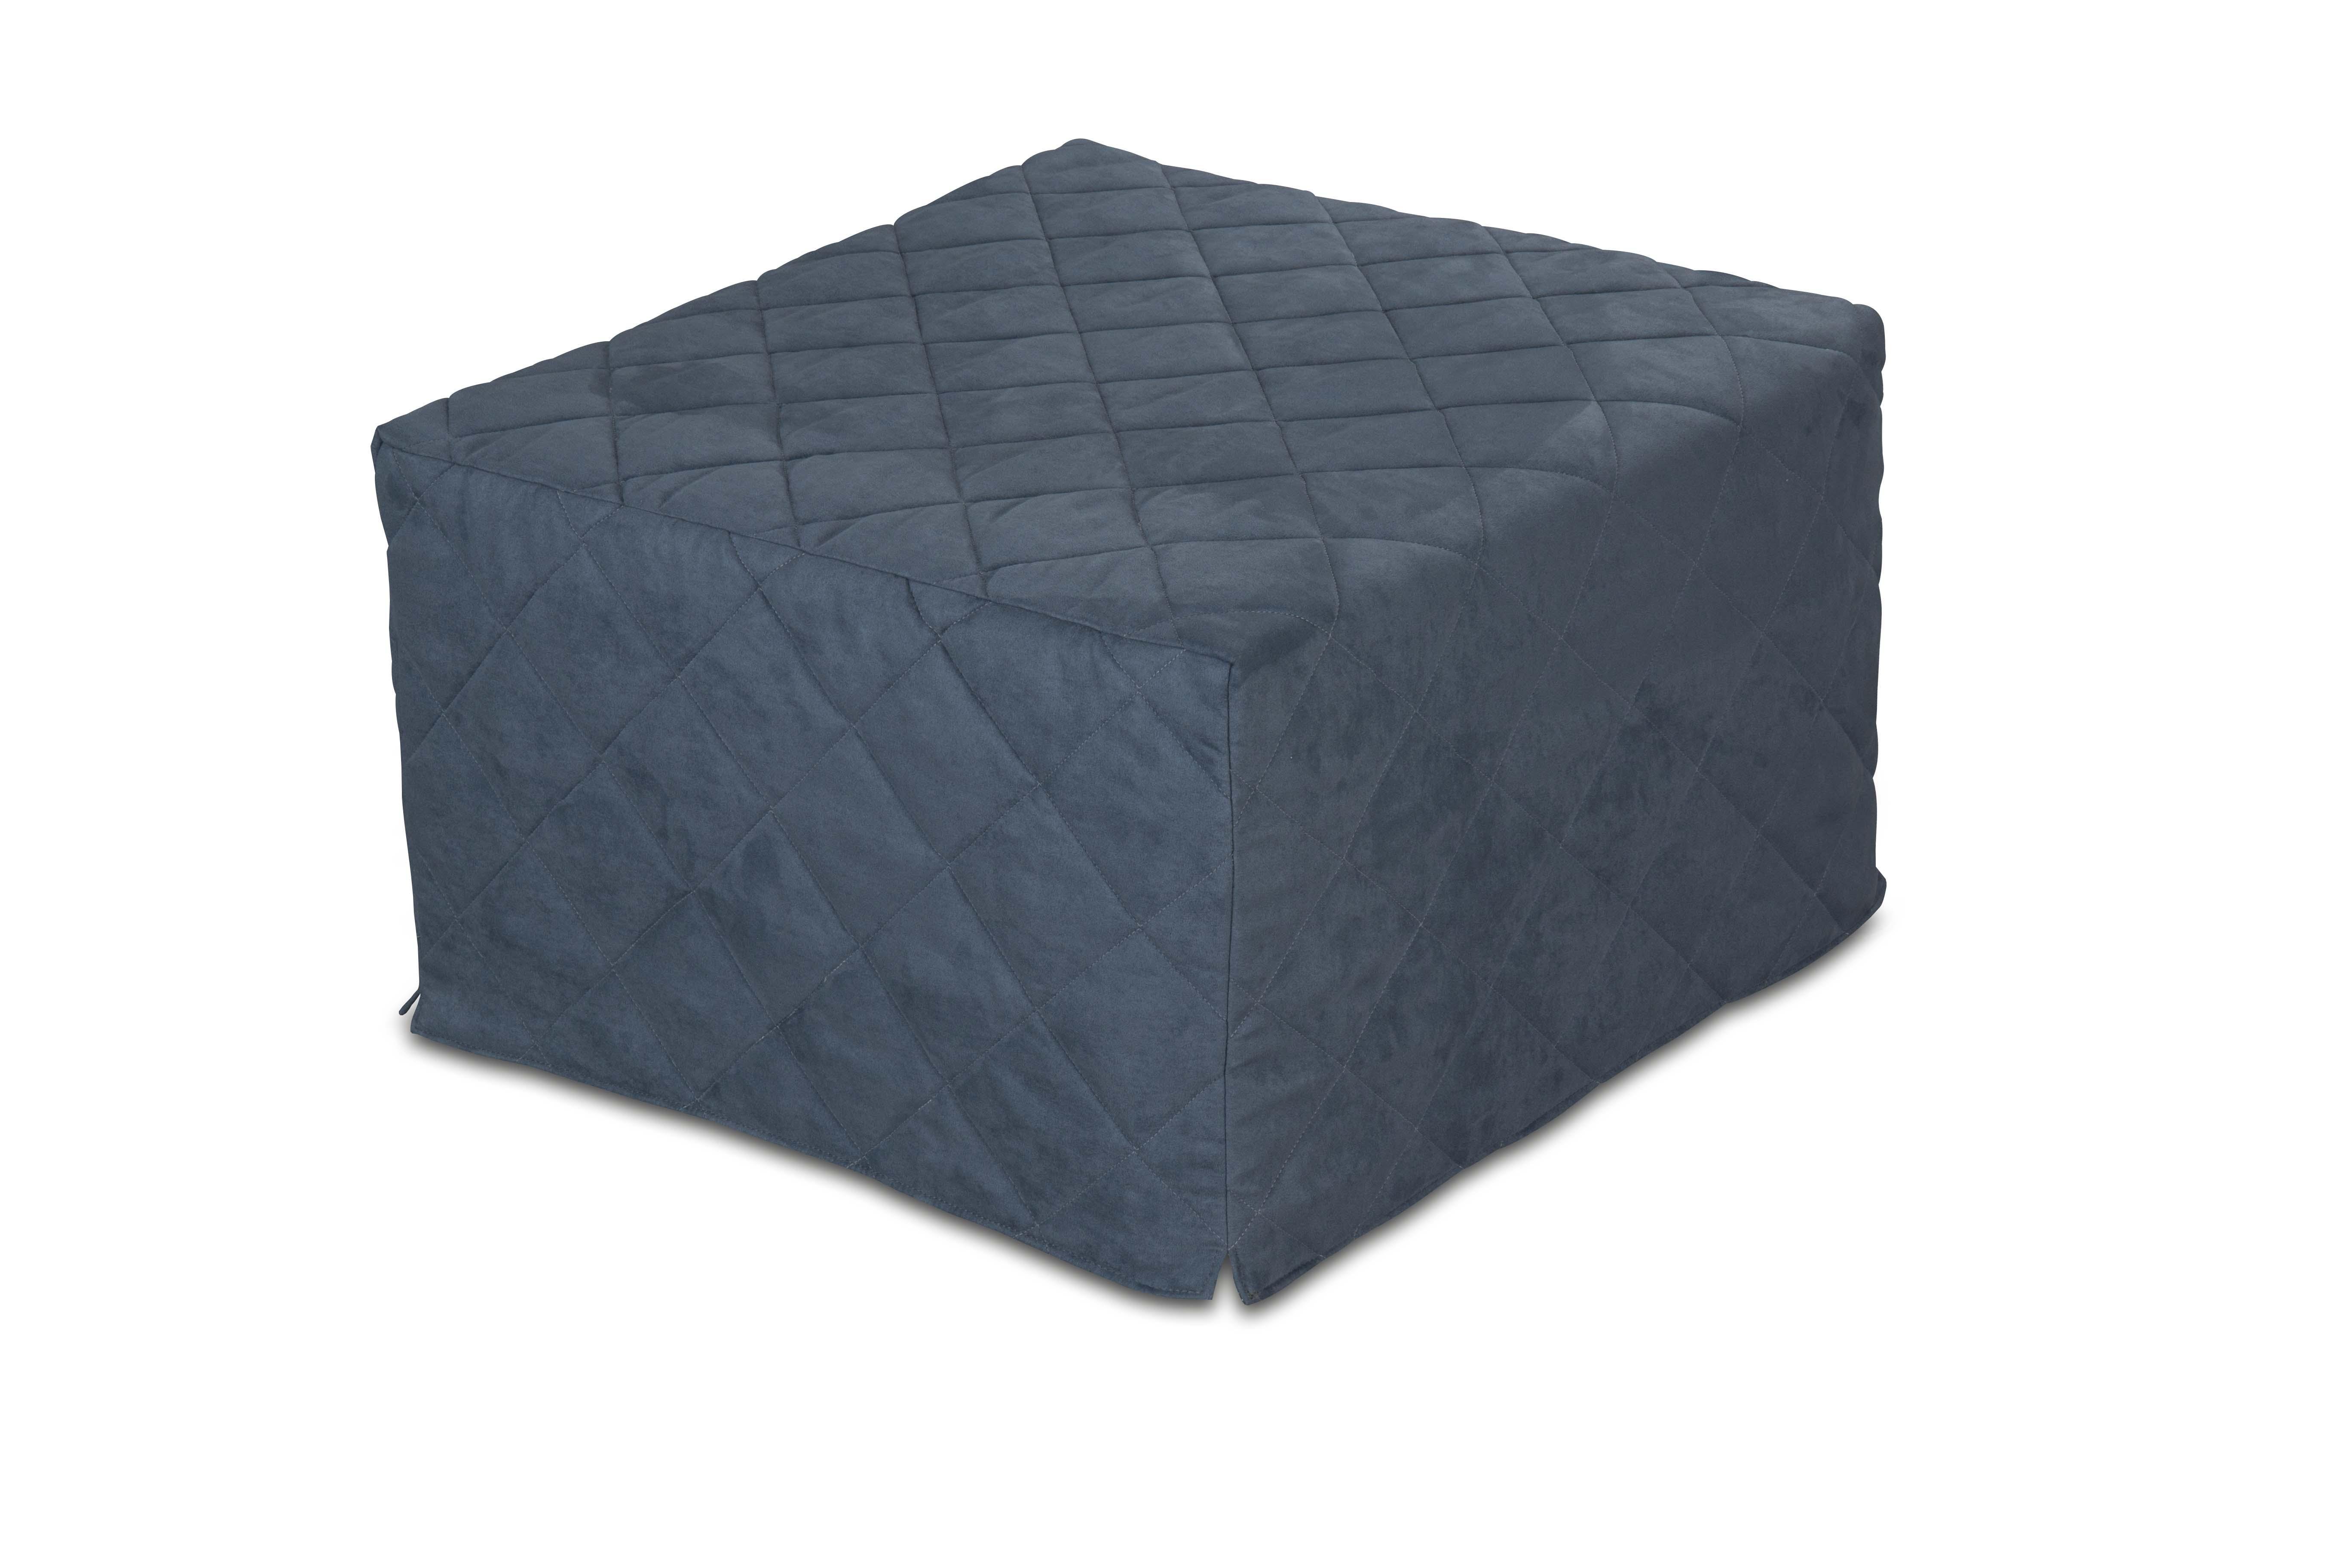 Pouf letto da seduta apribile con materasso singolo - Ikea letto gonfiabile ...